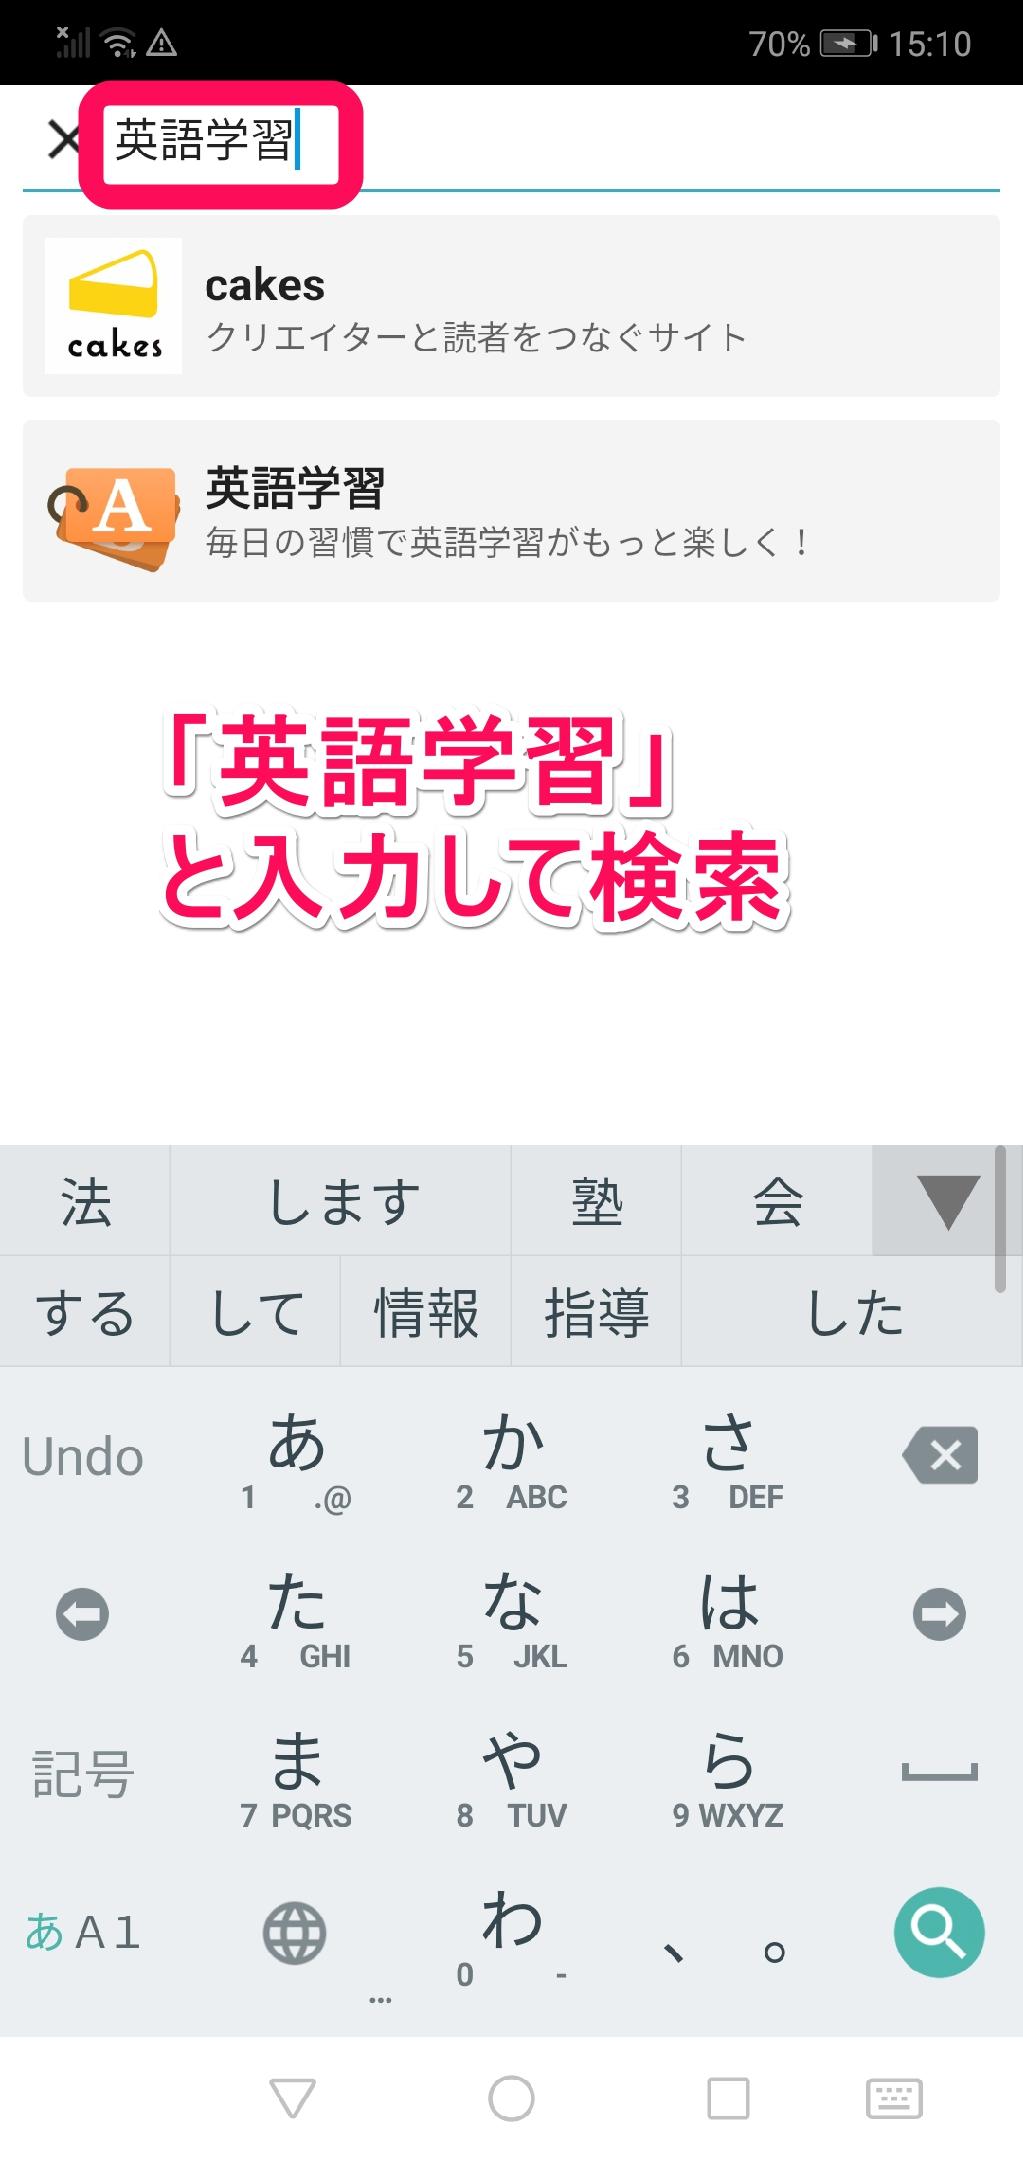 チャンネル検索で「英語学習」と入力して検索する